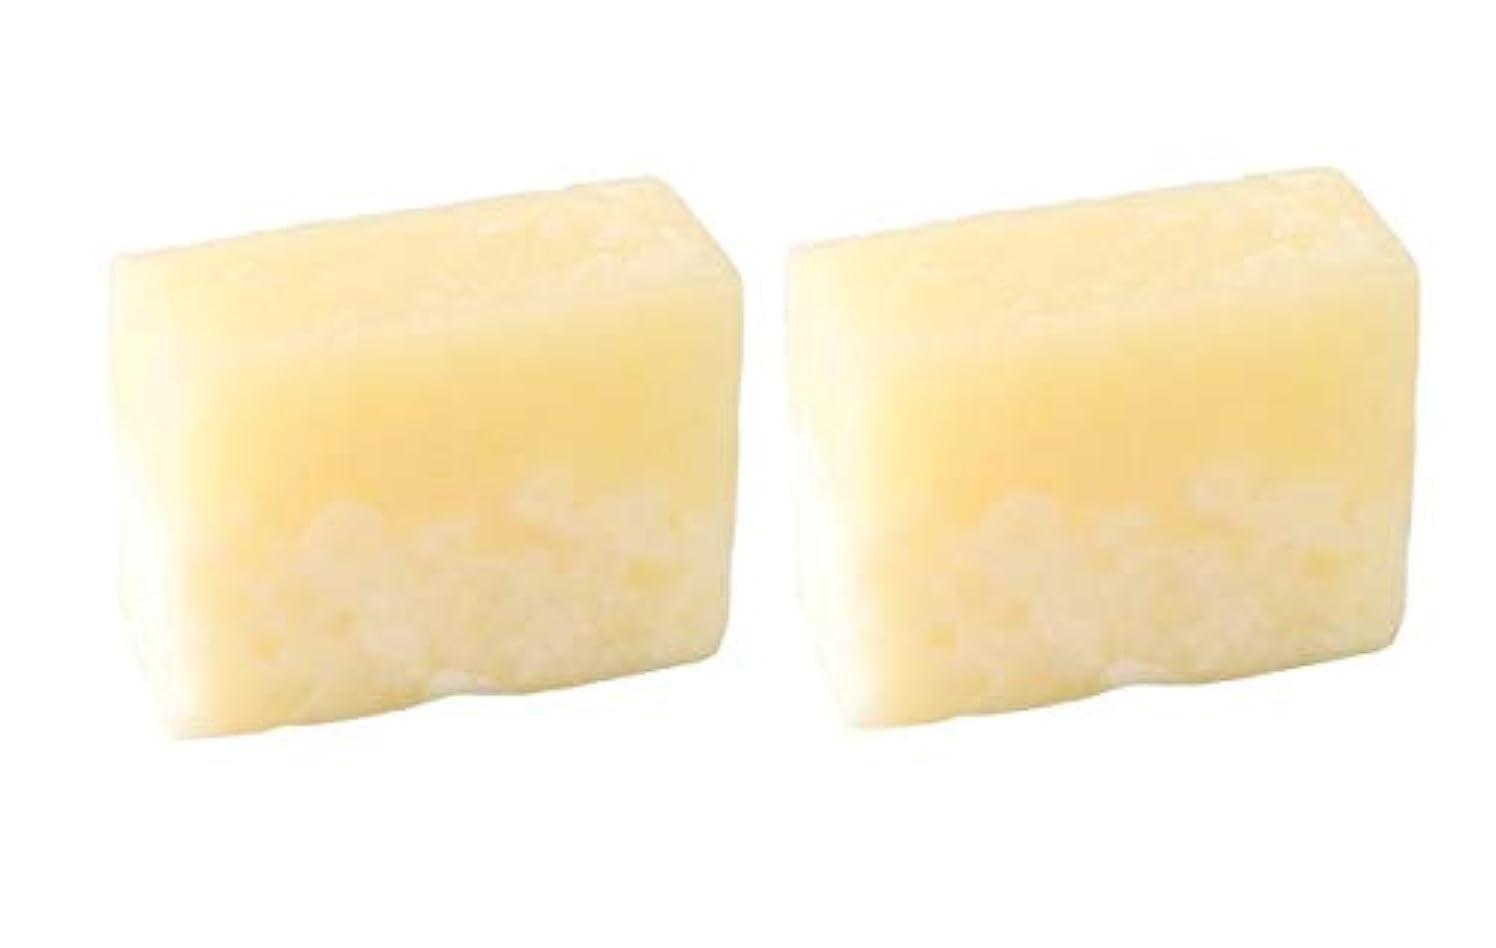 空中規則性仕方LUSH ラッシュ ボヘミアン(100g)×2個セット レモンの爽やかな香りソープ